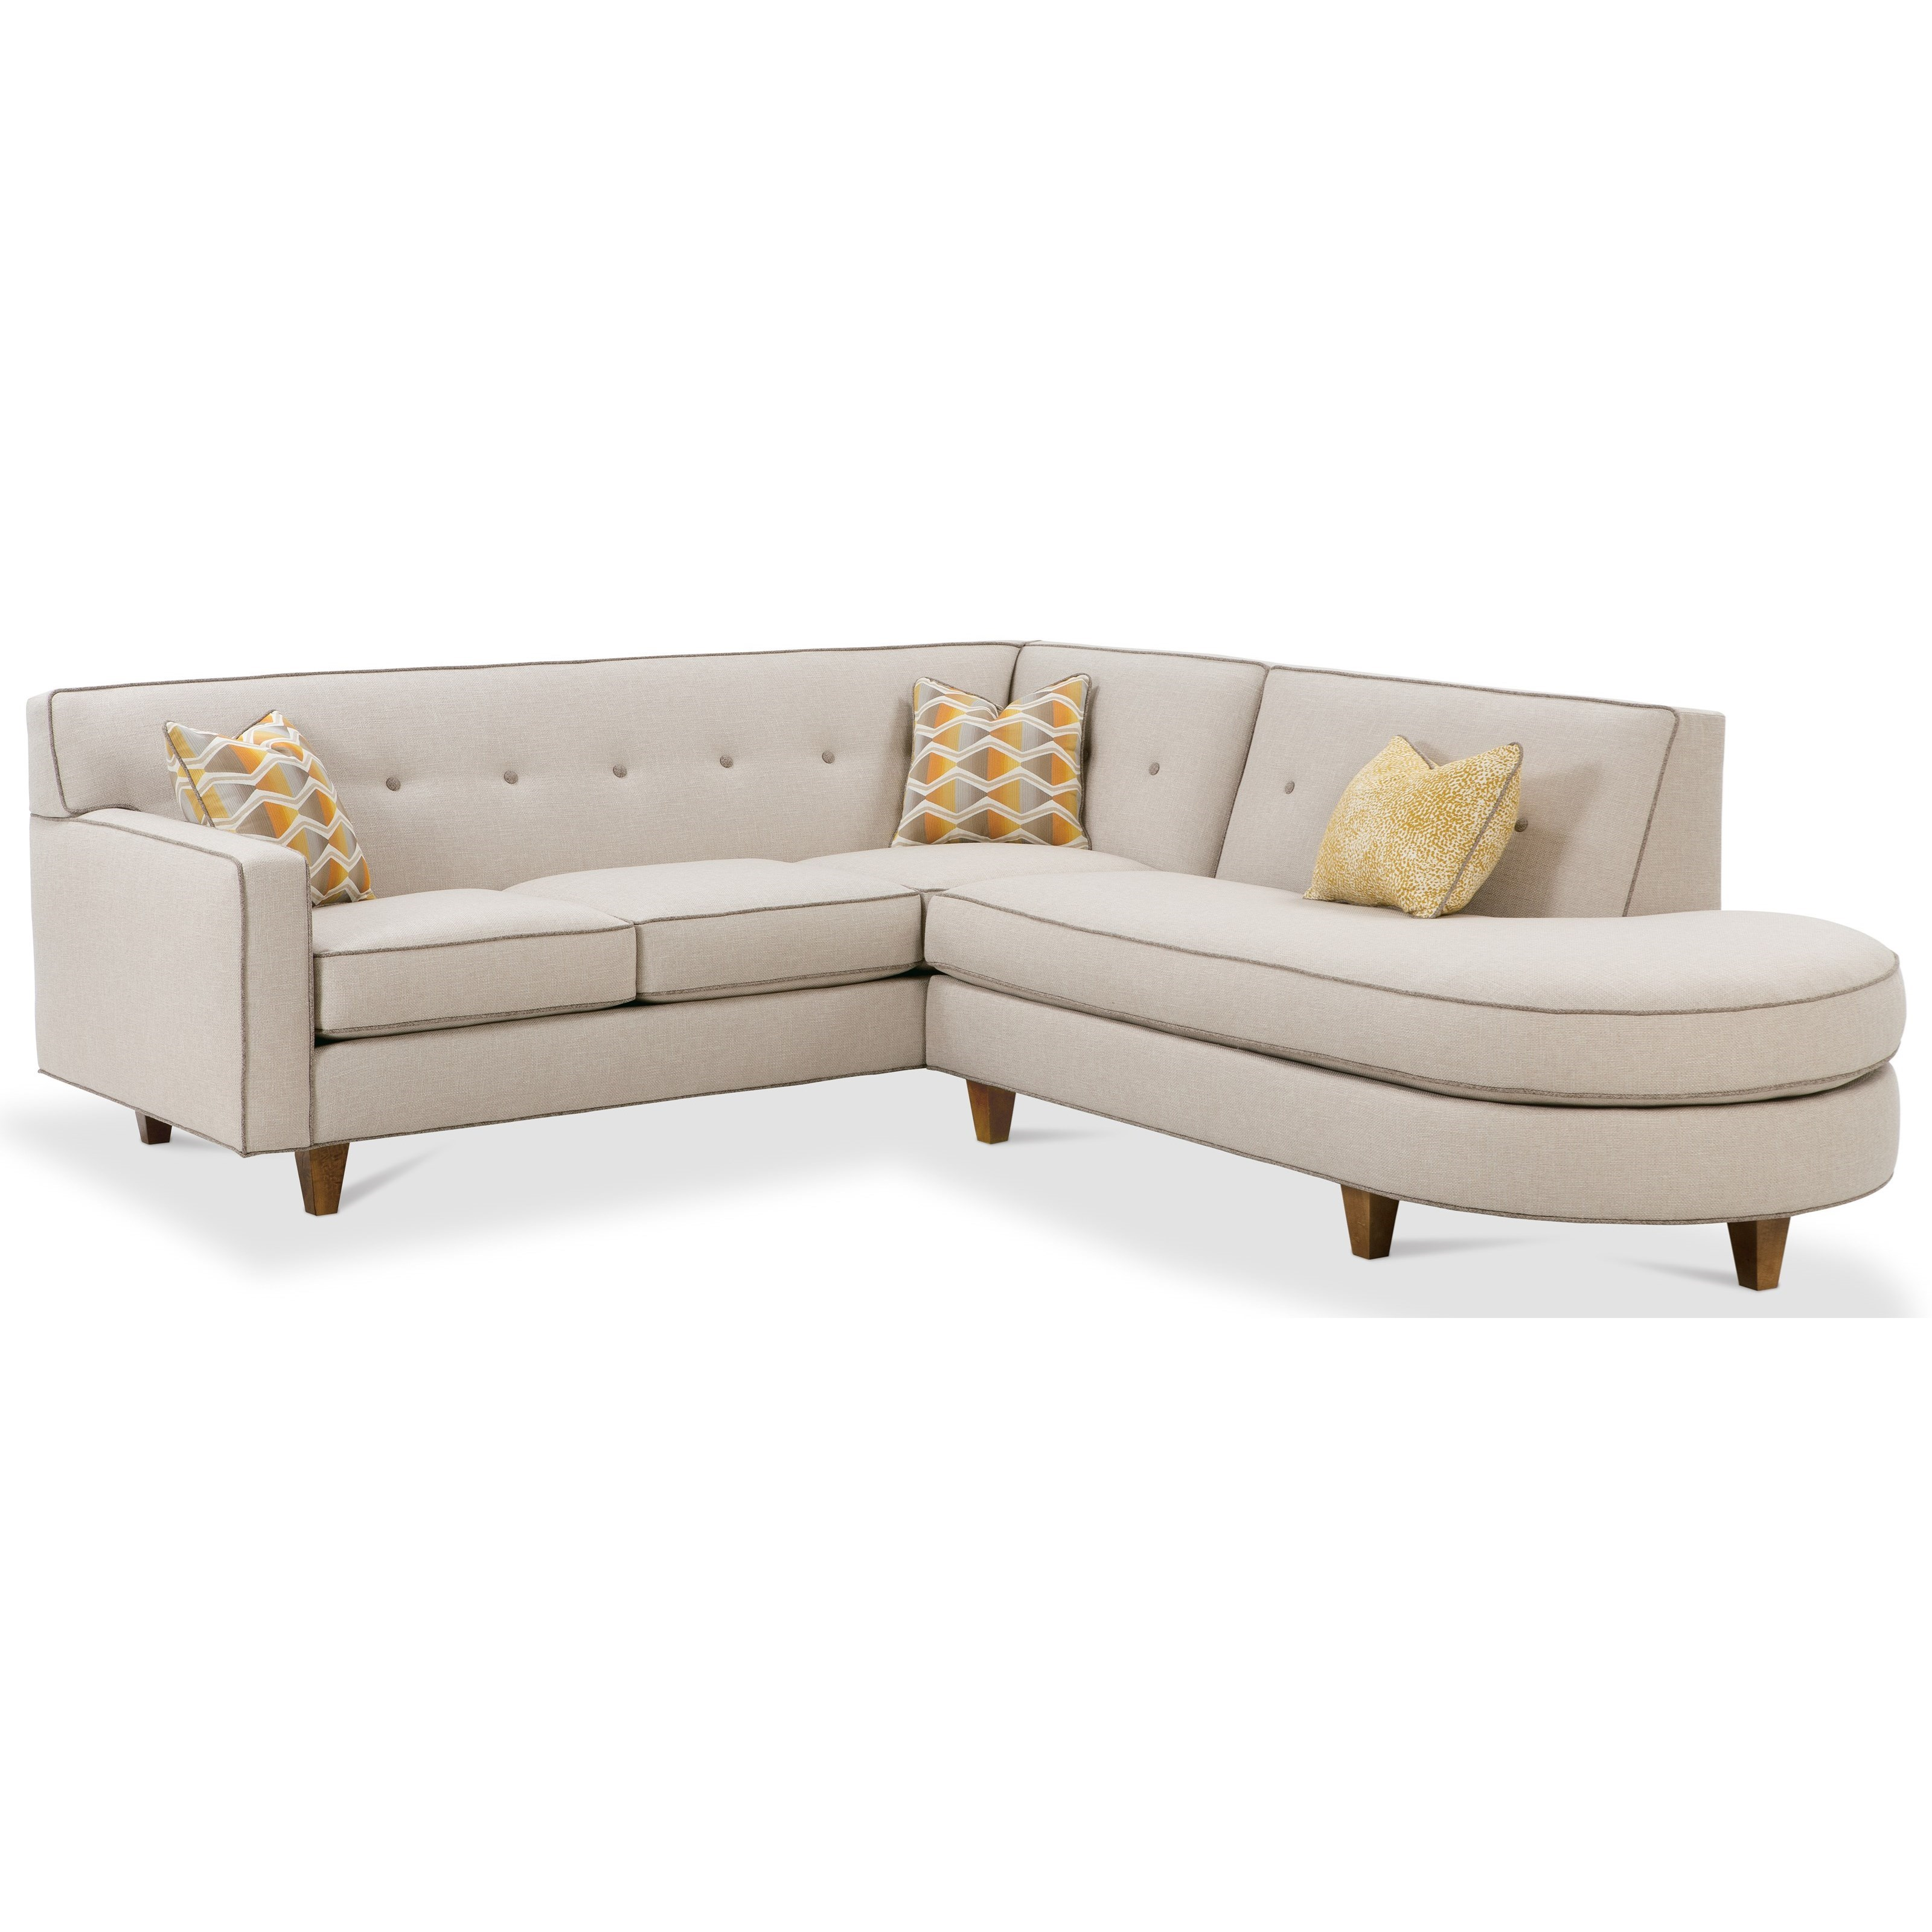 Contemporary 2 Piece Sectional Sofa